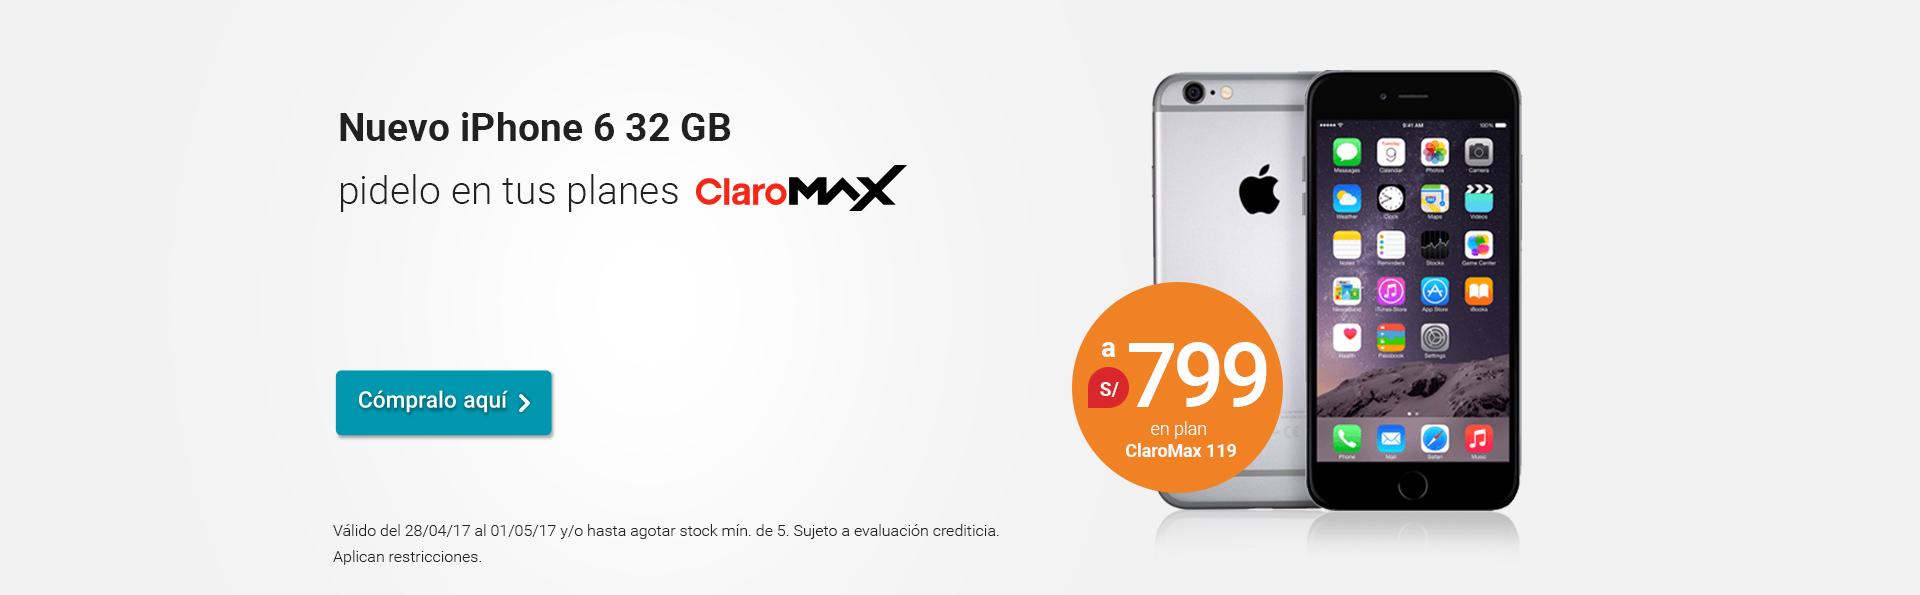 iphone-6-32GB